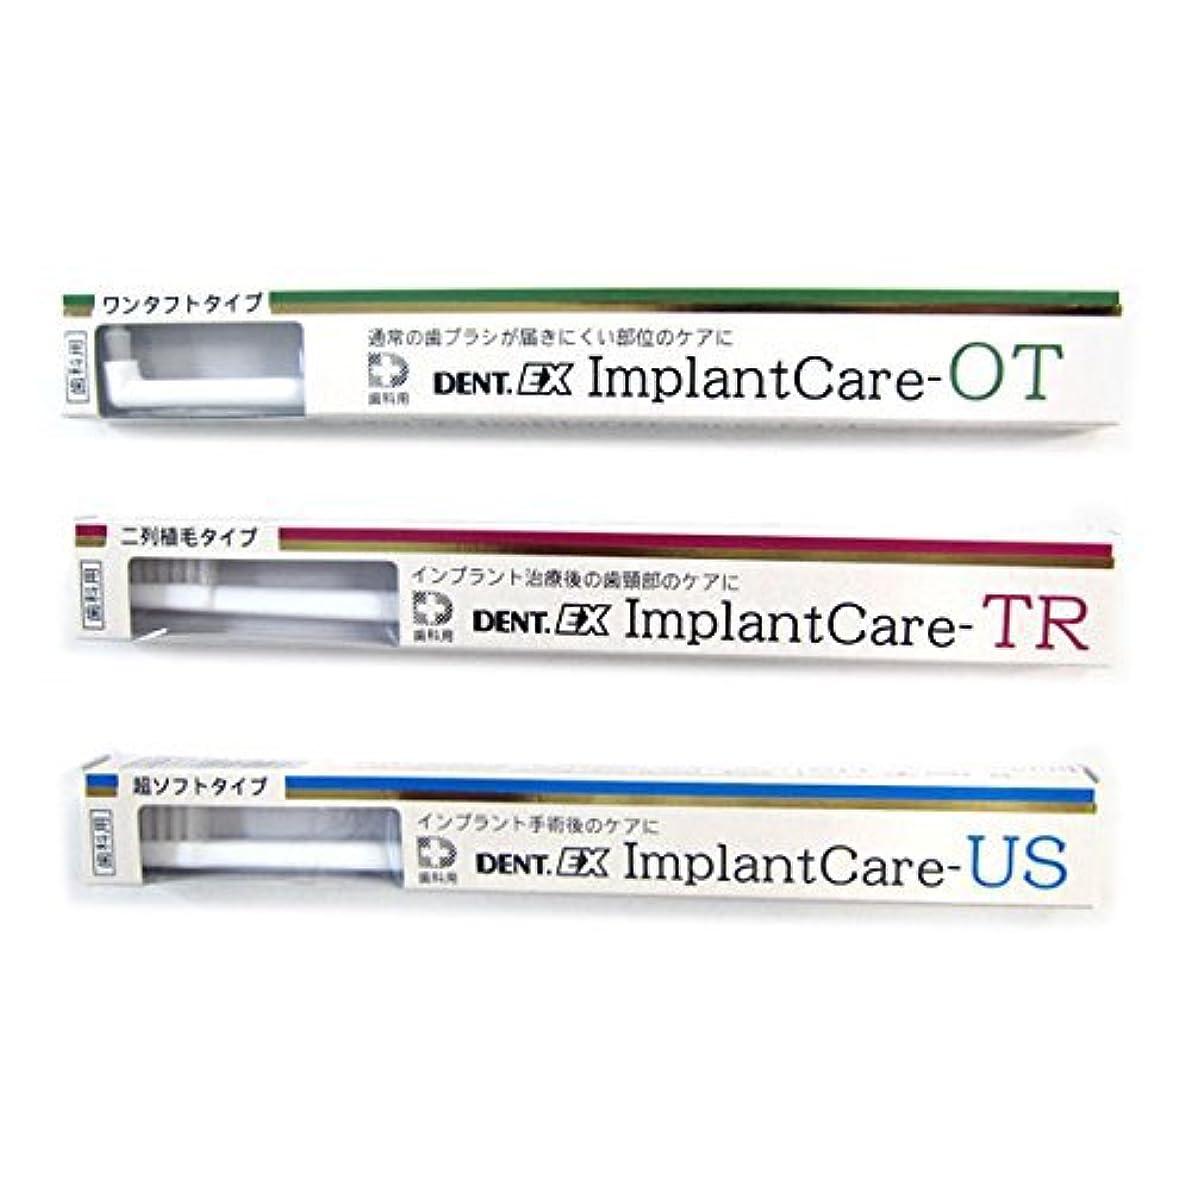 指応答ブレースデント DENT EX ImplantCare インプラントケア 単品 TR(二列)